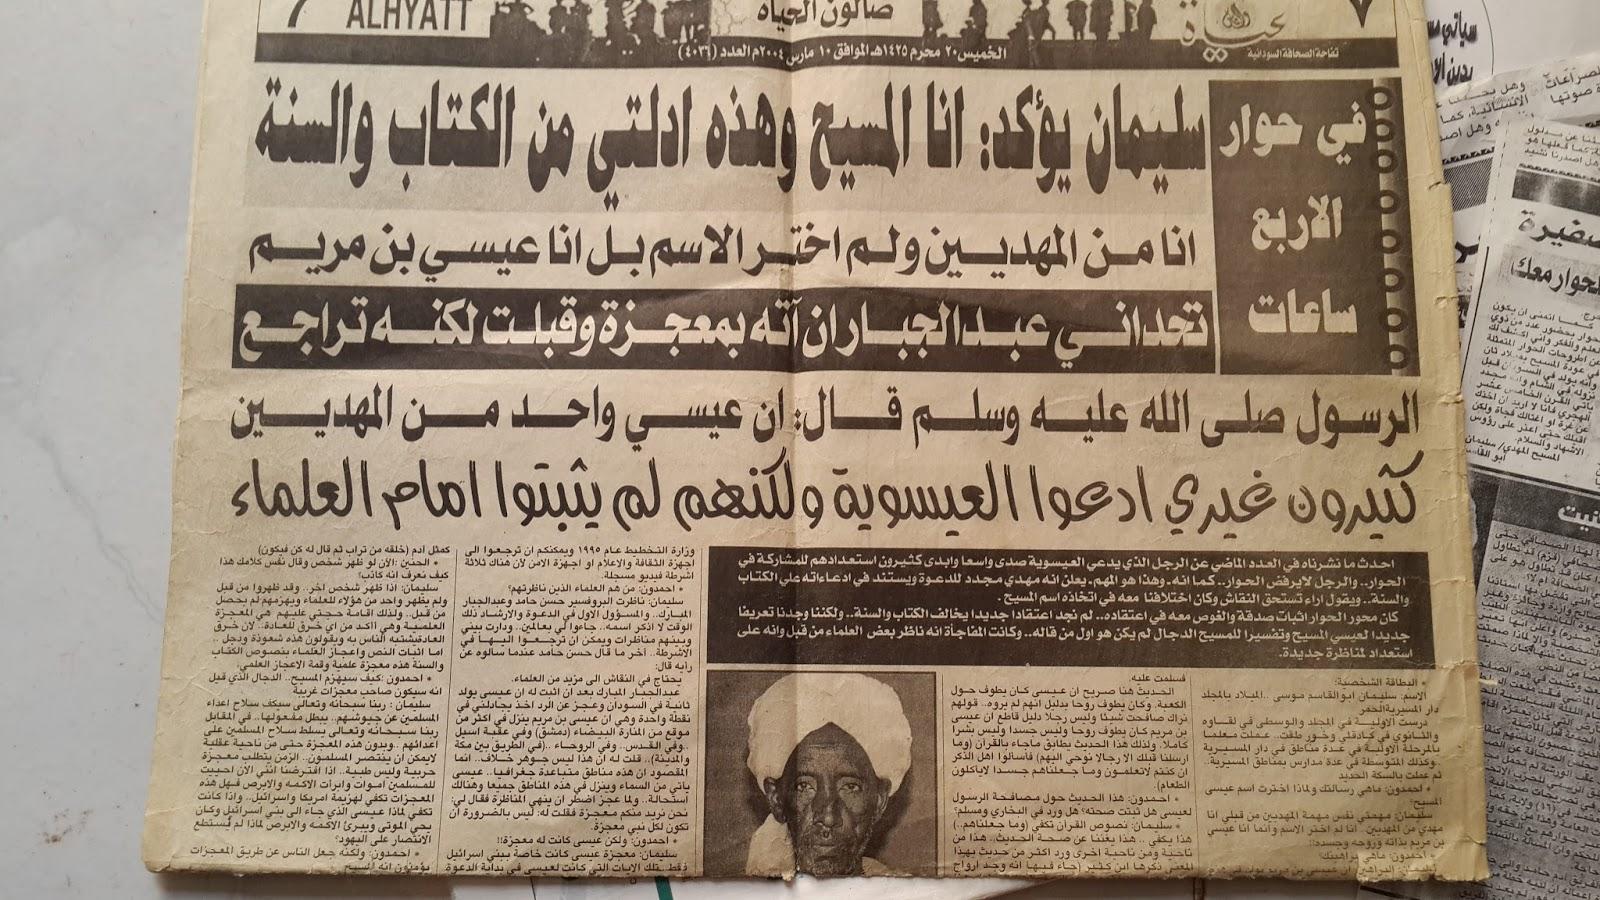 المسيح في السودان المهدي